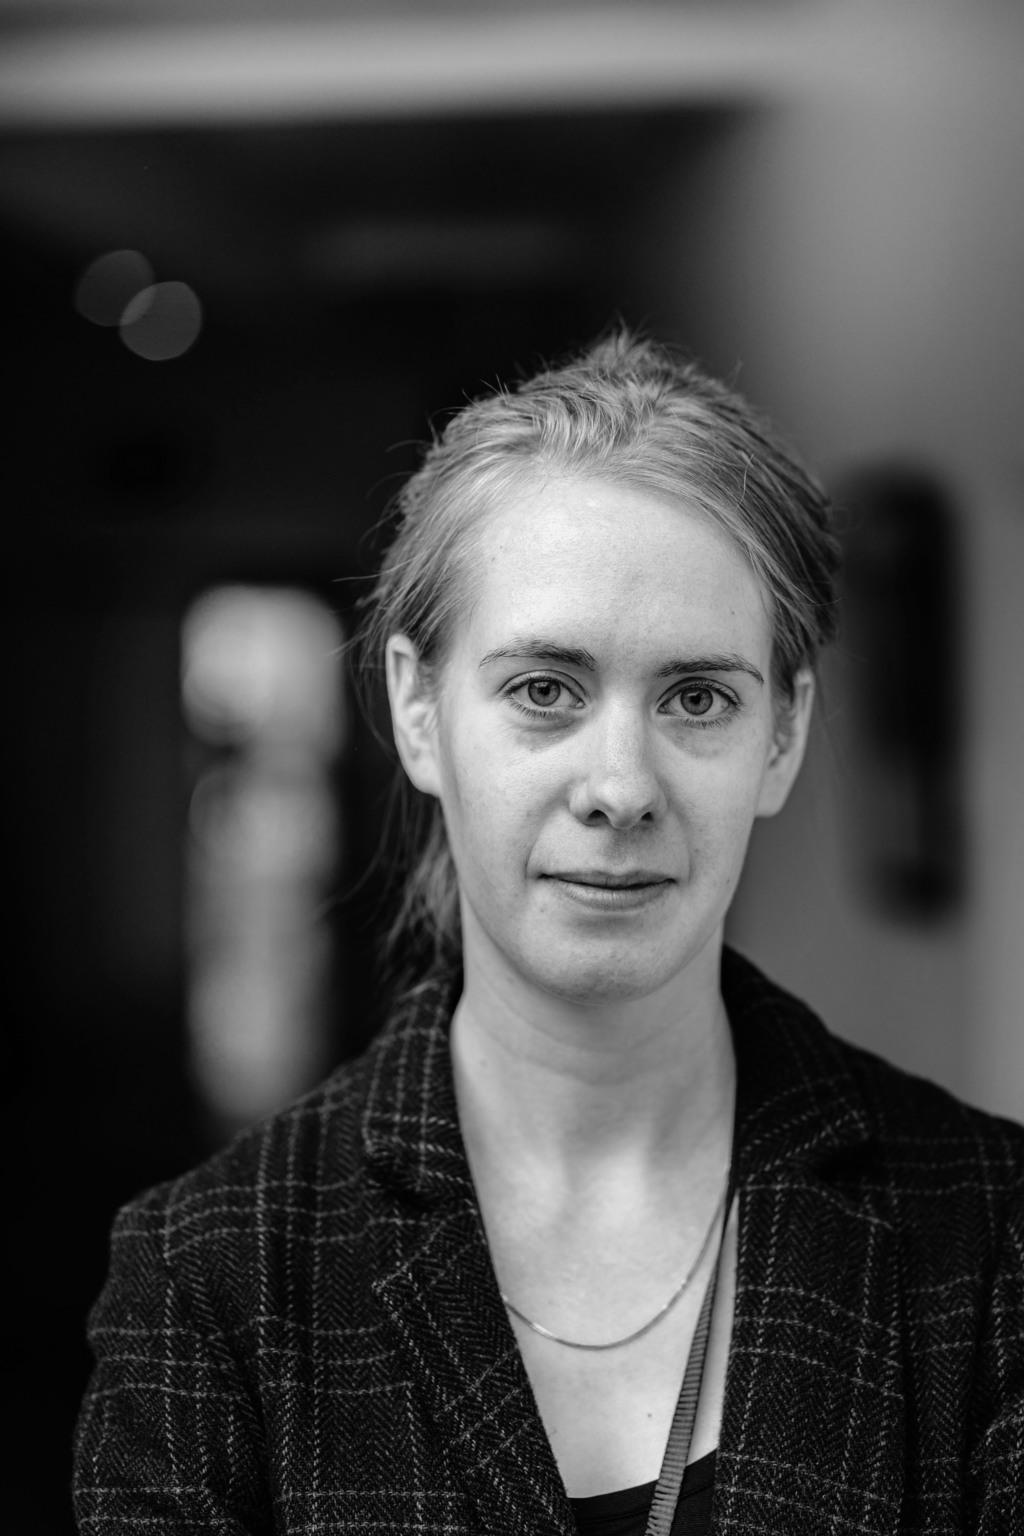 Julia Sewell